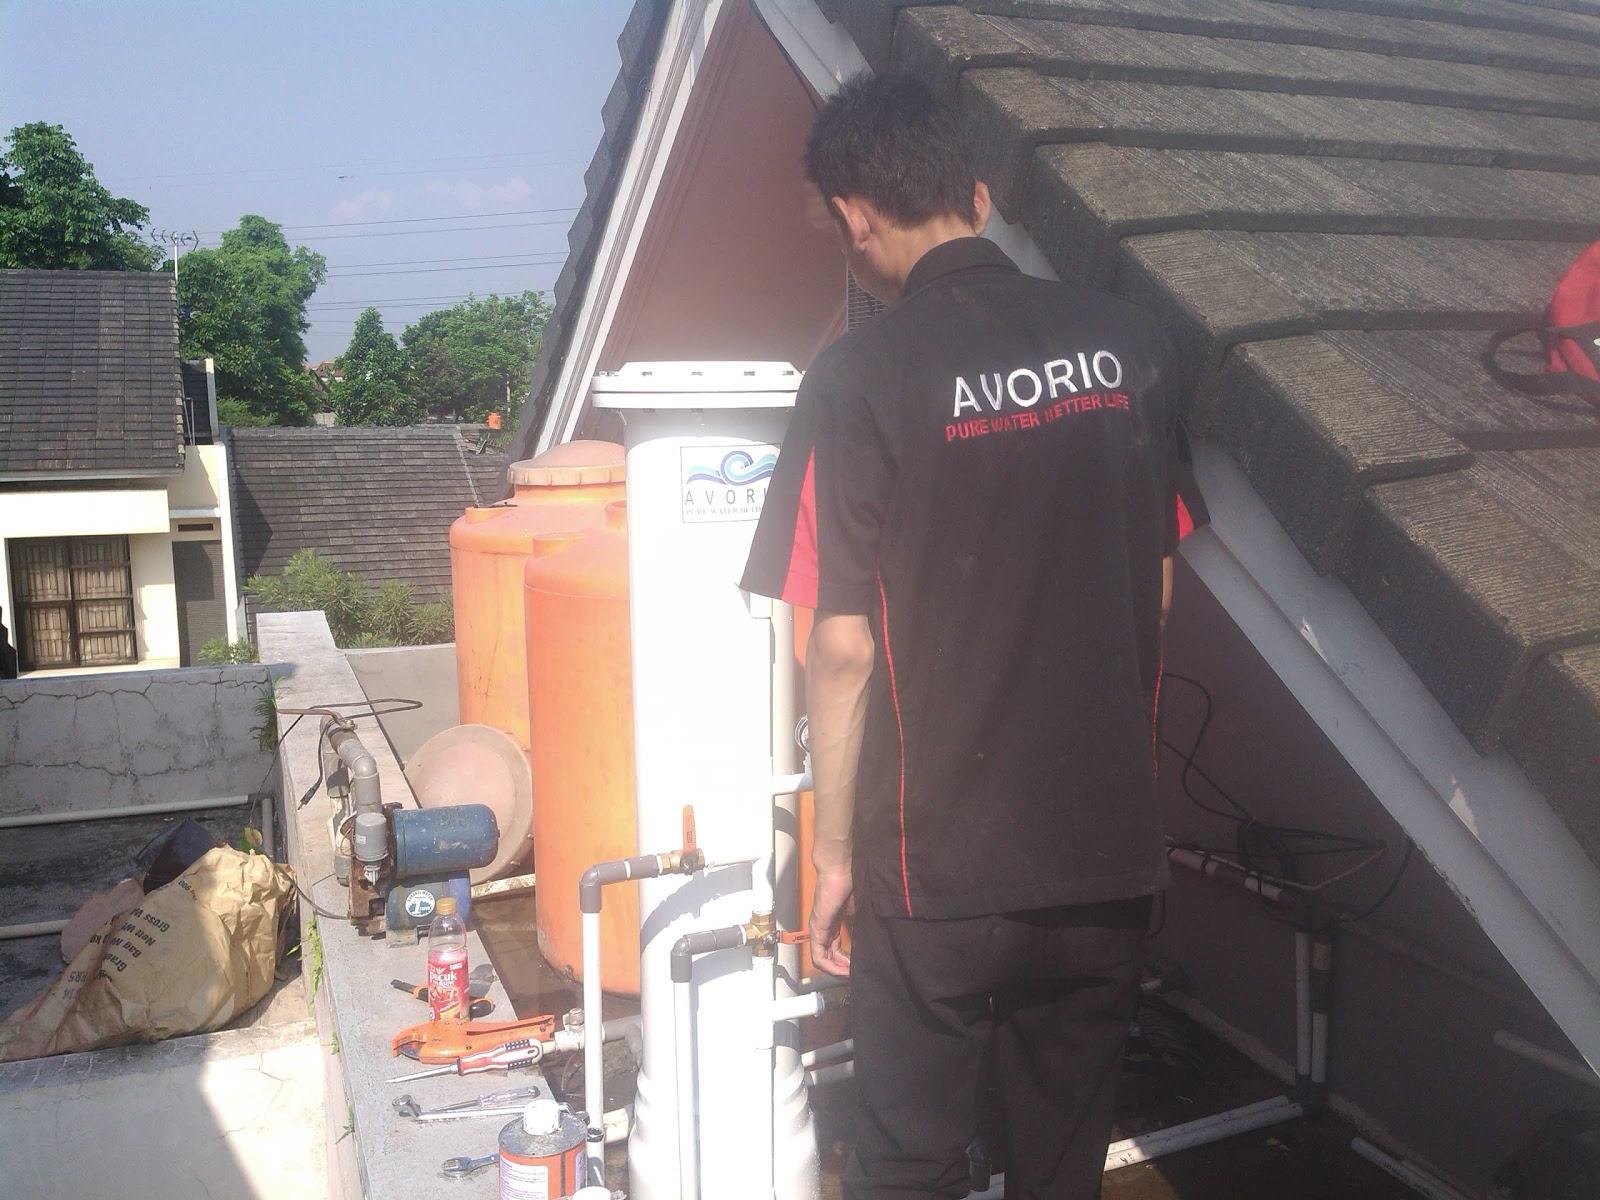 Filter Air Jakarta, Bogor, Sumur Bor, Solo, Murah, Avorio, Kebagusan